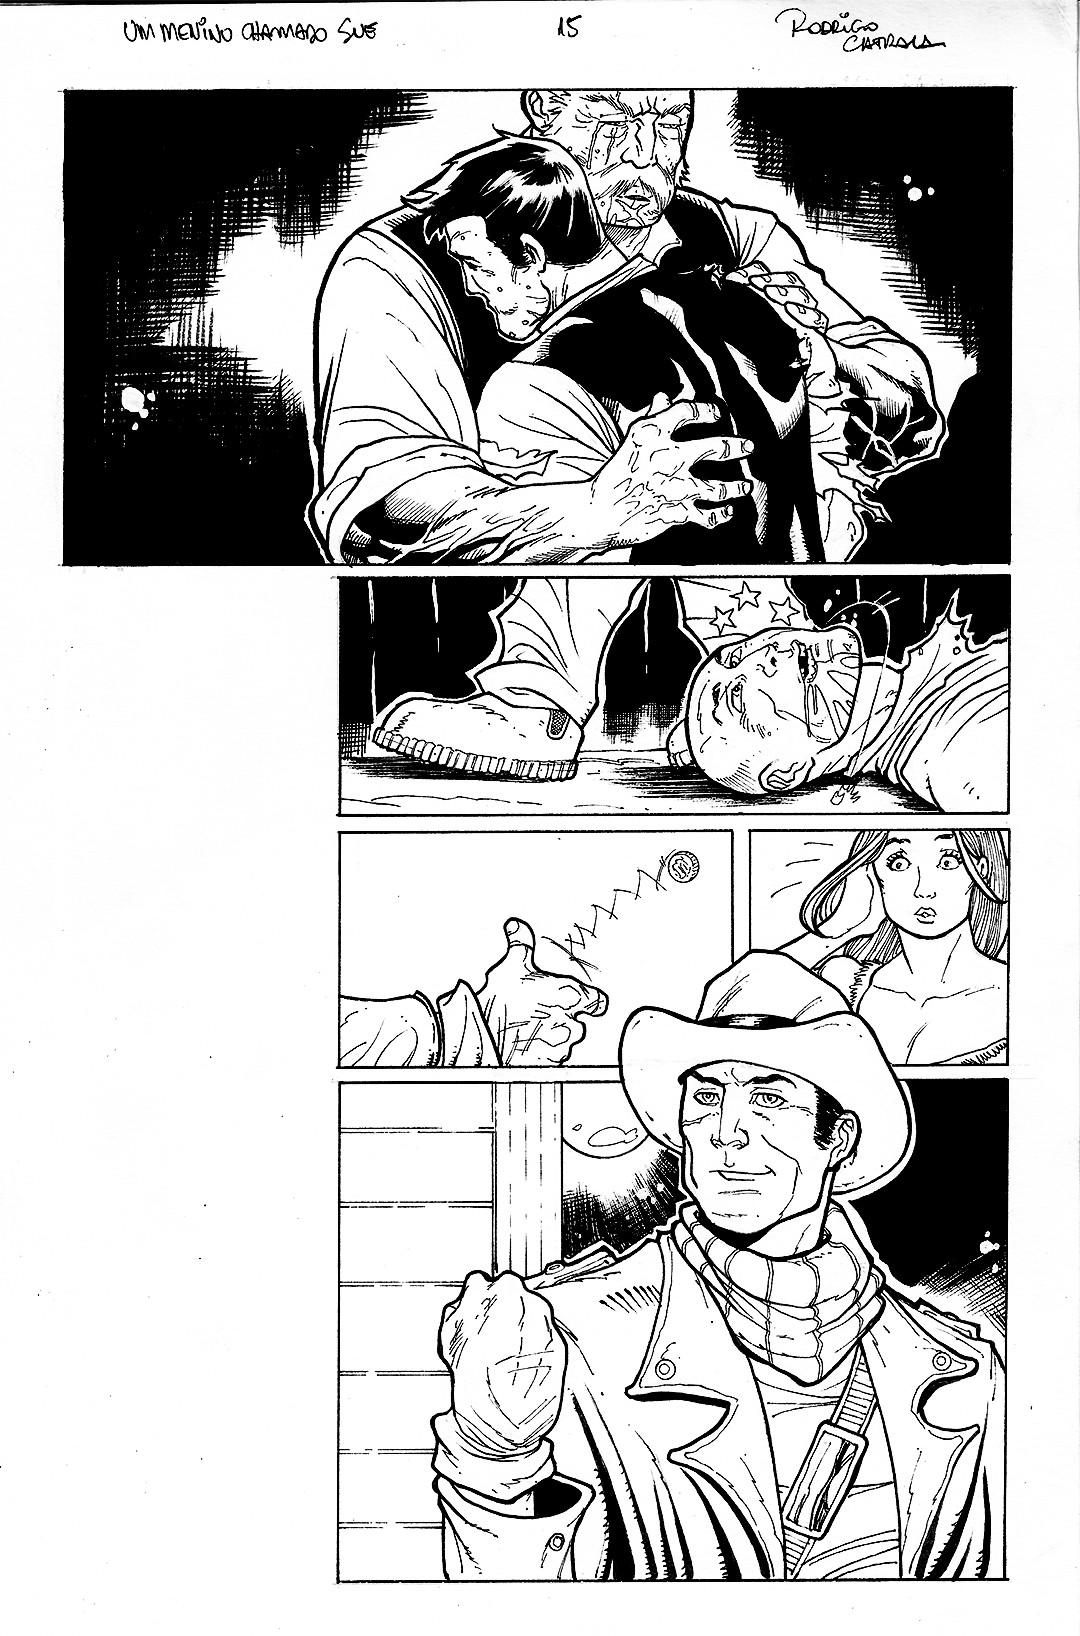 Rodrigo catraca sue pg 15